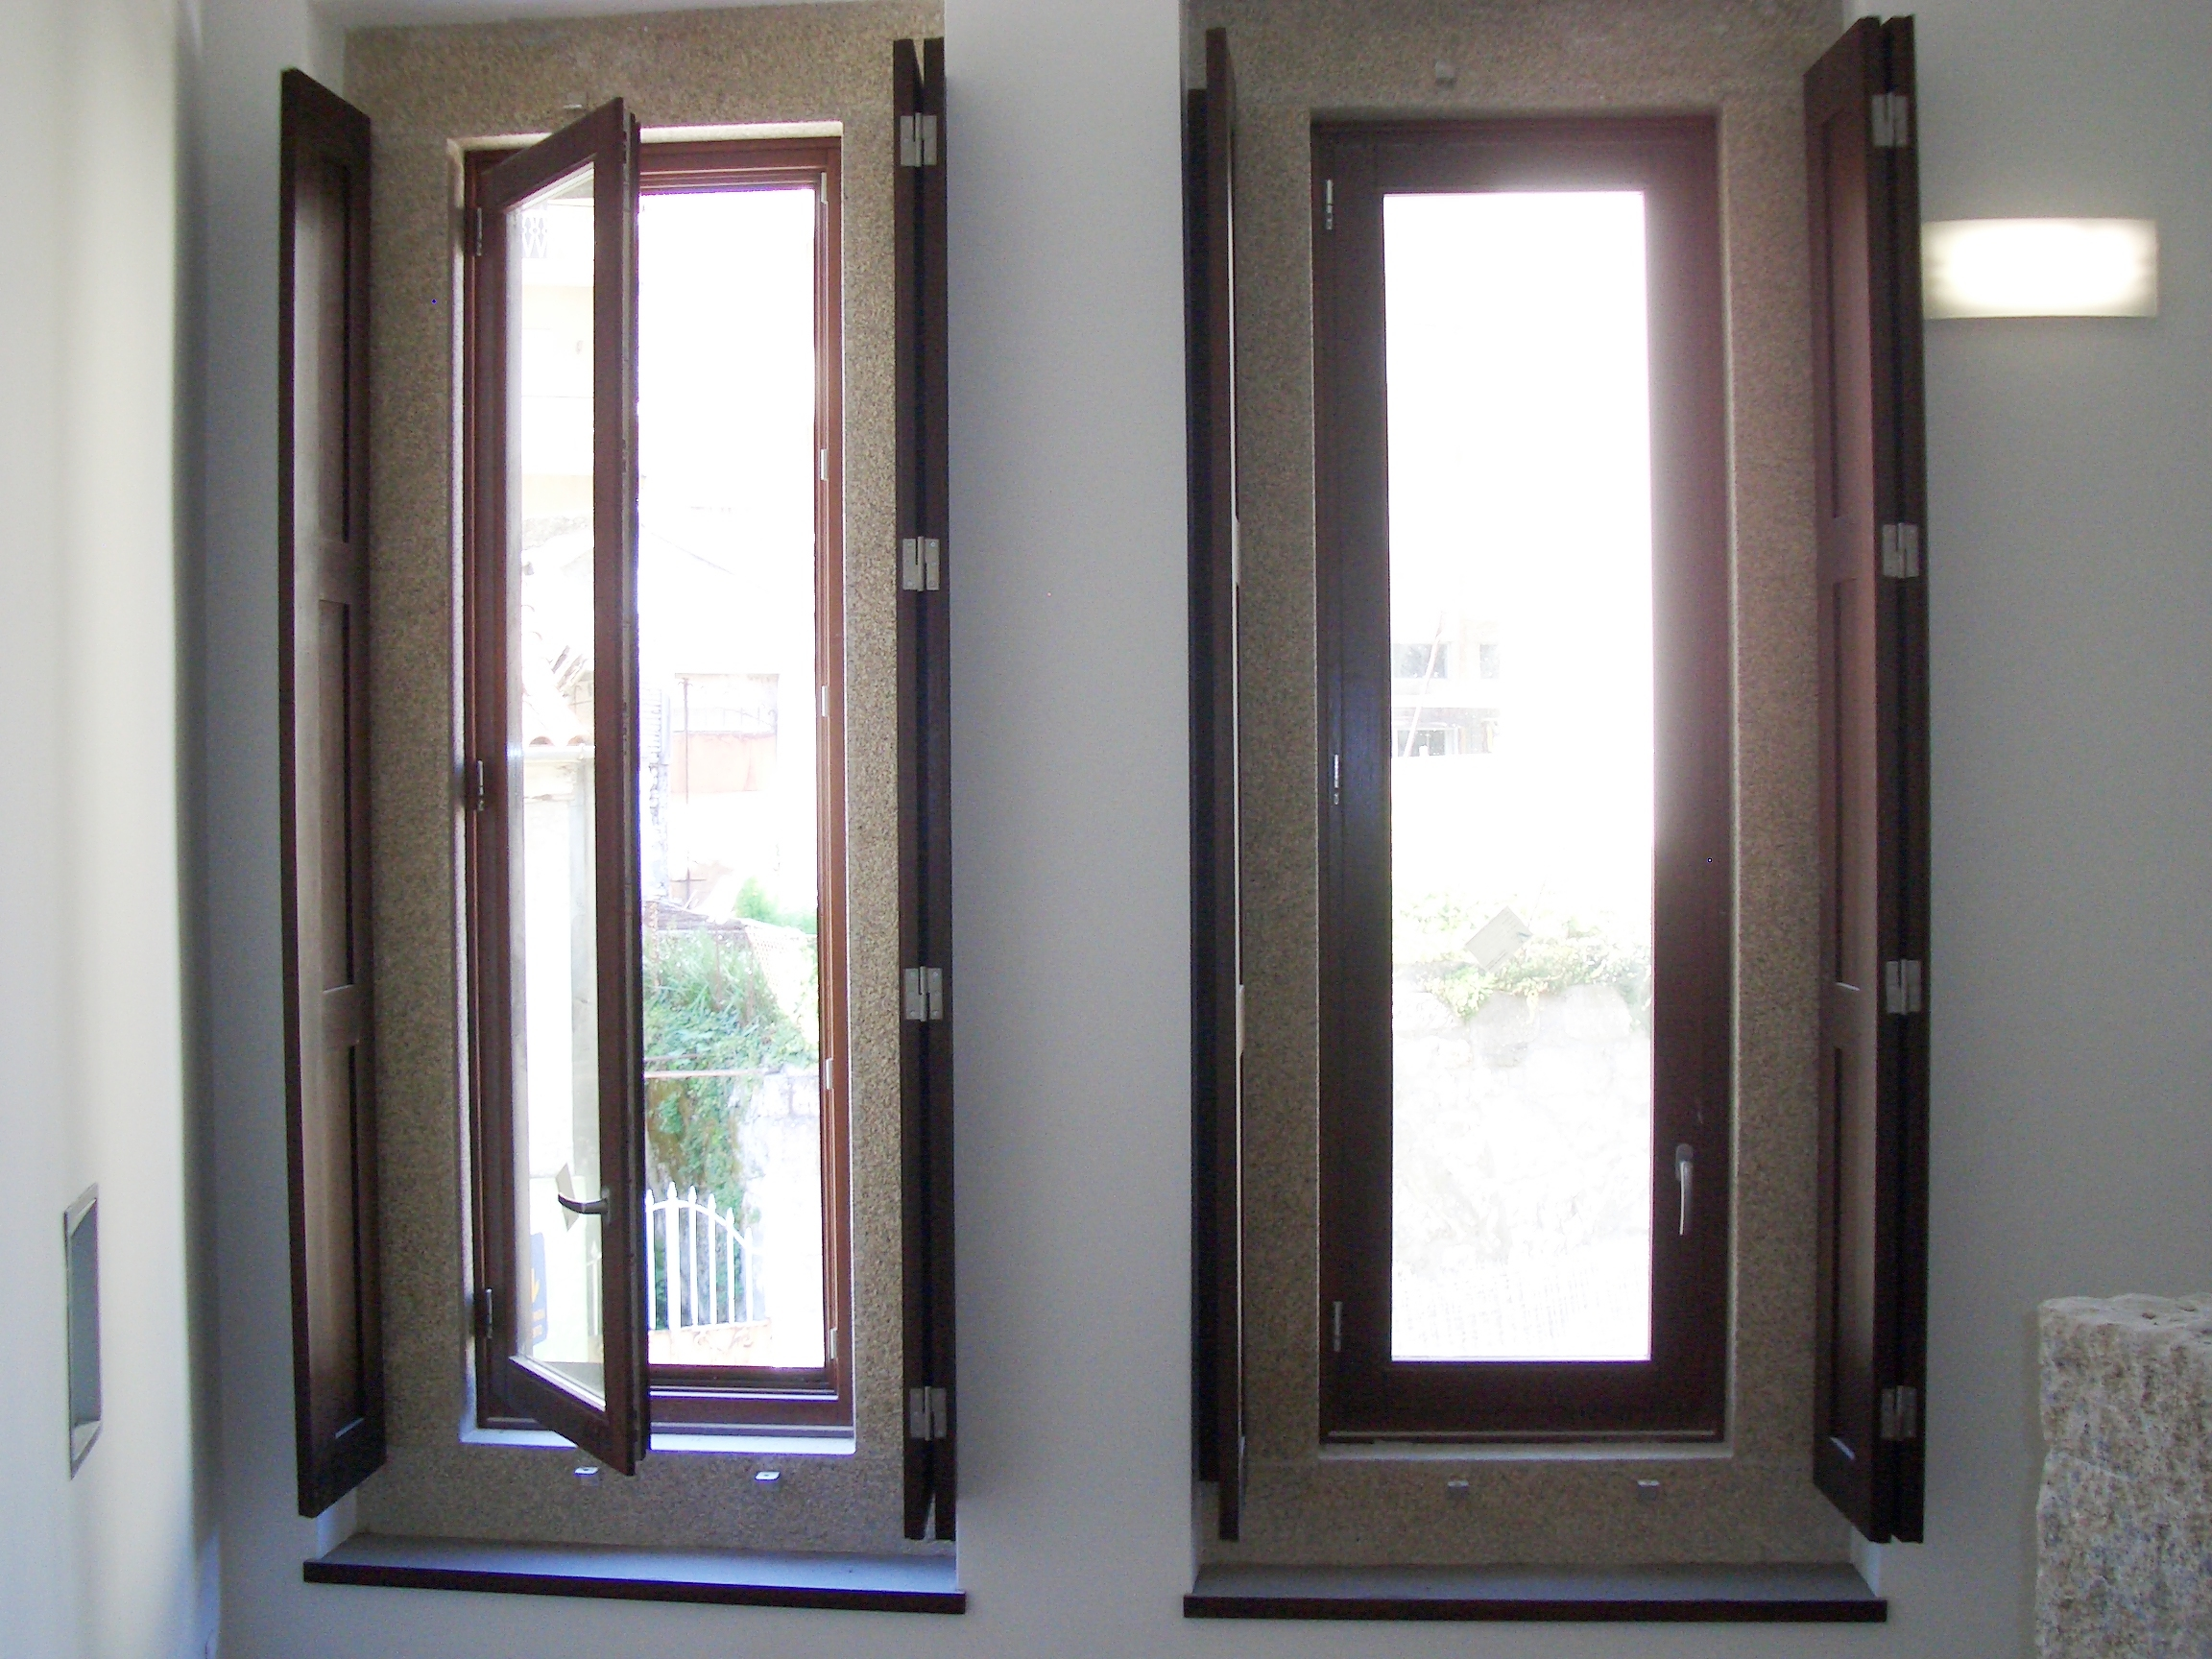 #485683  MADEIRA > janela em madeira modelo classico > janela em madeira 4222 Isolamento Termico Vidros Janelas